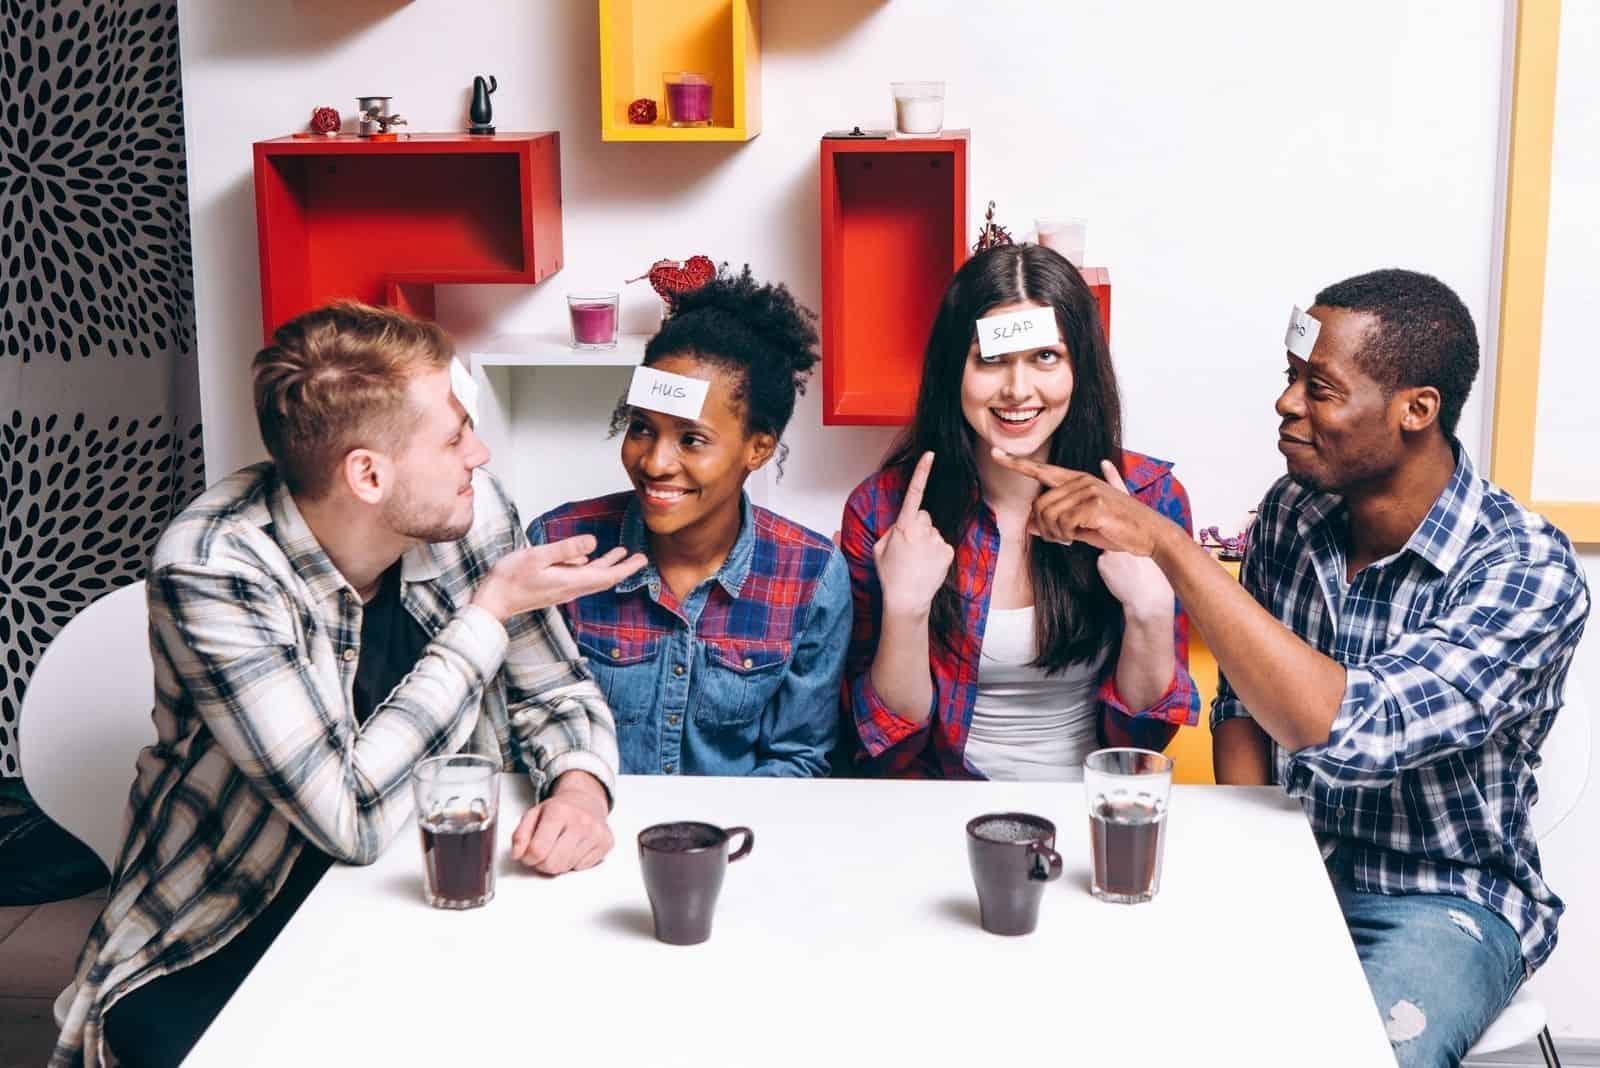 Freunde Ratespiel drinnen gespielt mit Kaffee auf dem Tisch